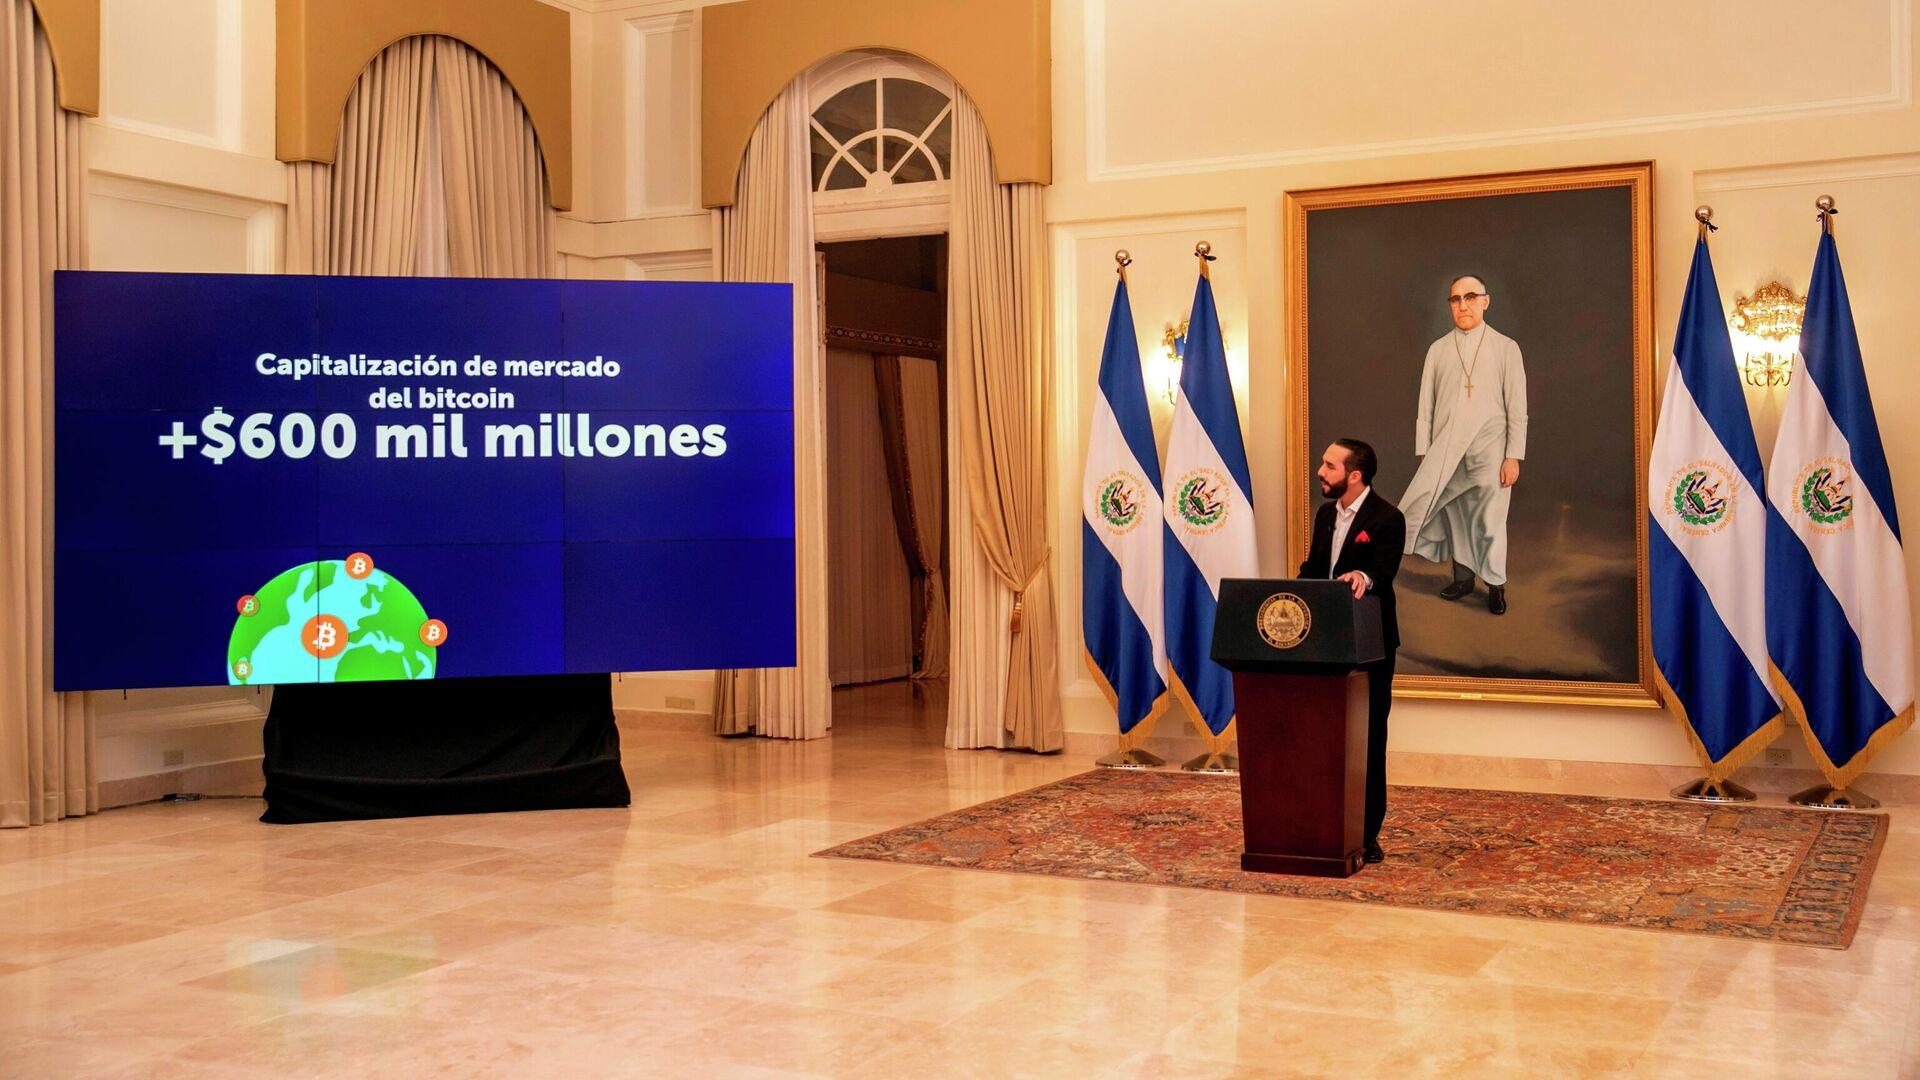 El presidente de El Salvador Nayib Bukele explica las ventajas del bitcóin - Sputnik Mundo, 1920, 26.06.2021